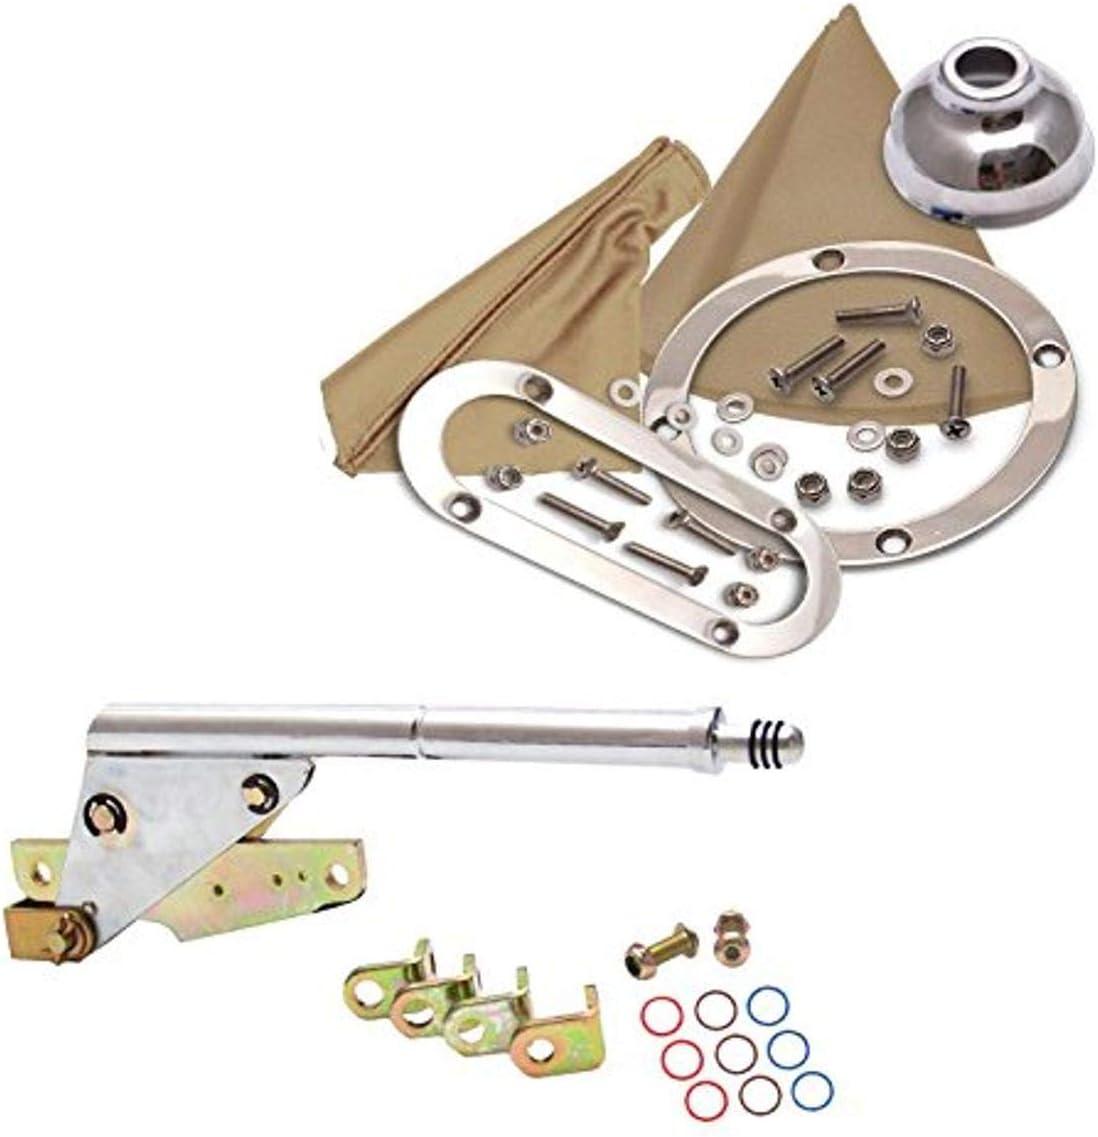 American Shifter 448926 Kit Award 4L80E E Brake Cable Max 62% OFF Clev 8